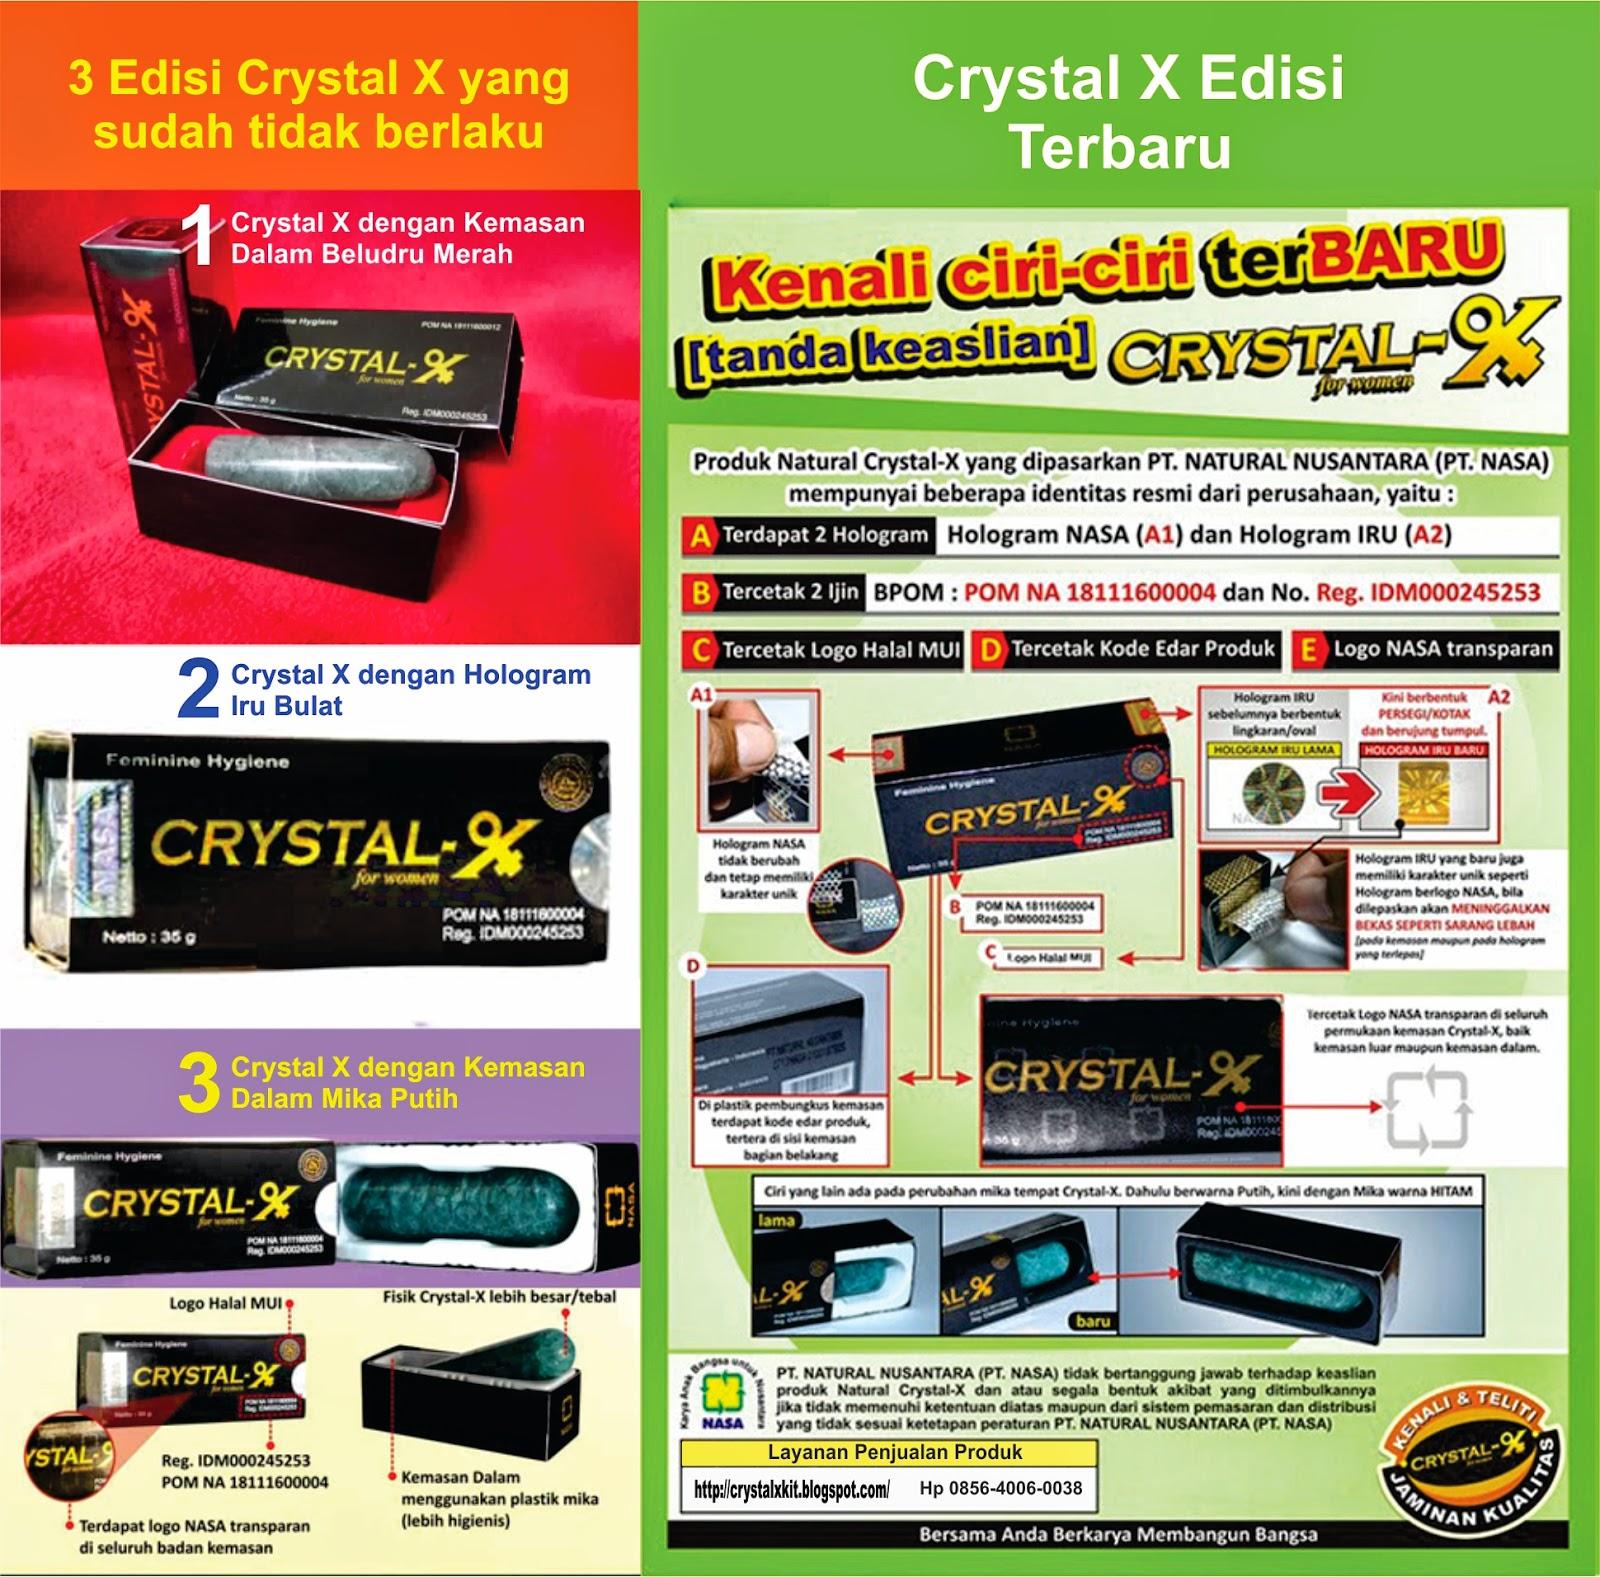 http://crystalxkit.blogspot.com/